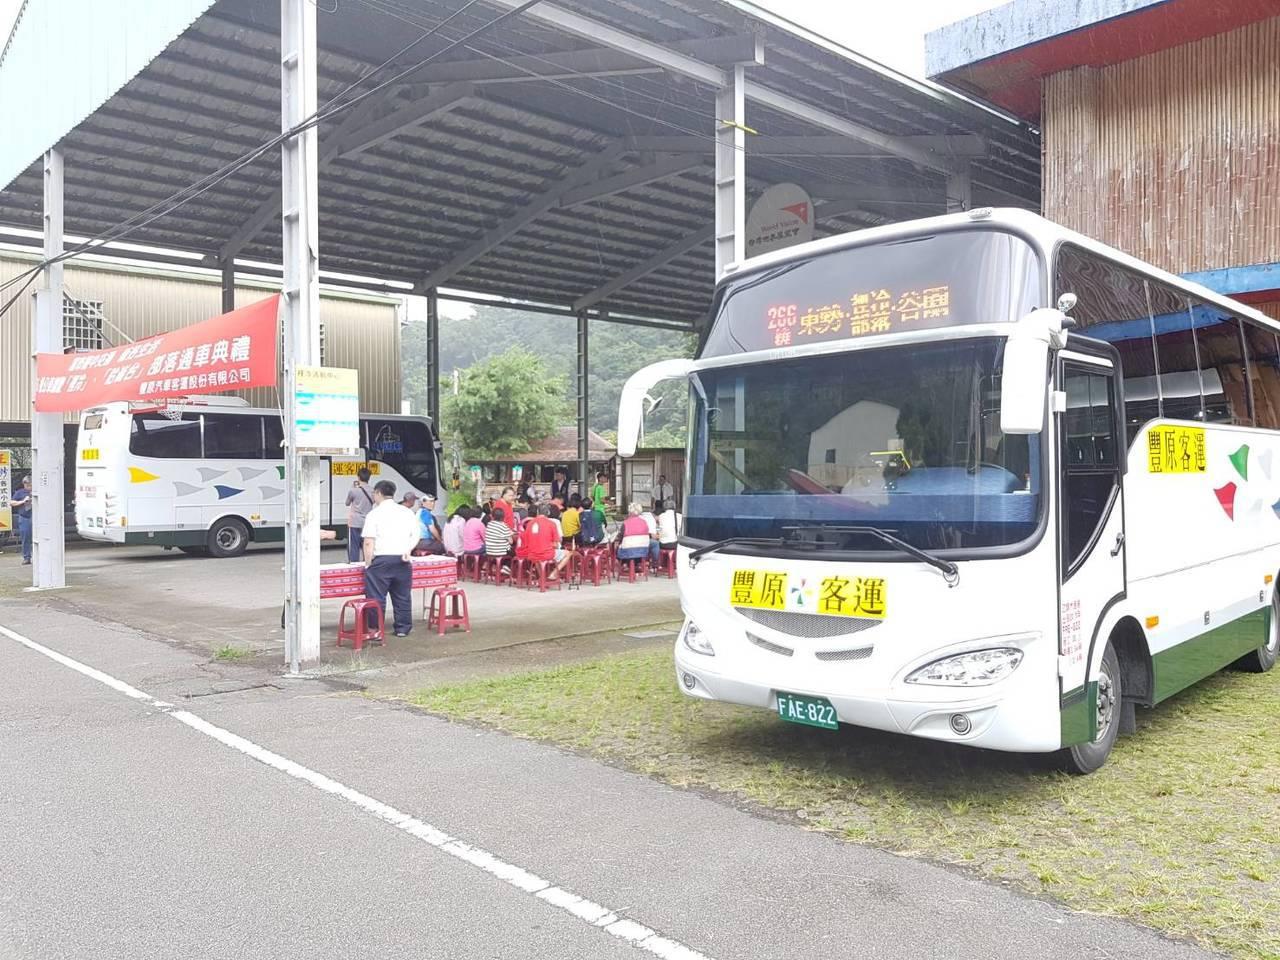 台中公車「266繞」調整路線,今起新增3站,駛入和平區裡冷、哈崙台部落,居民不必...